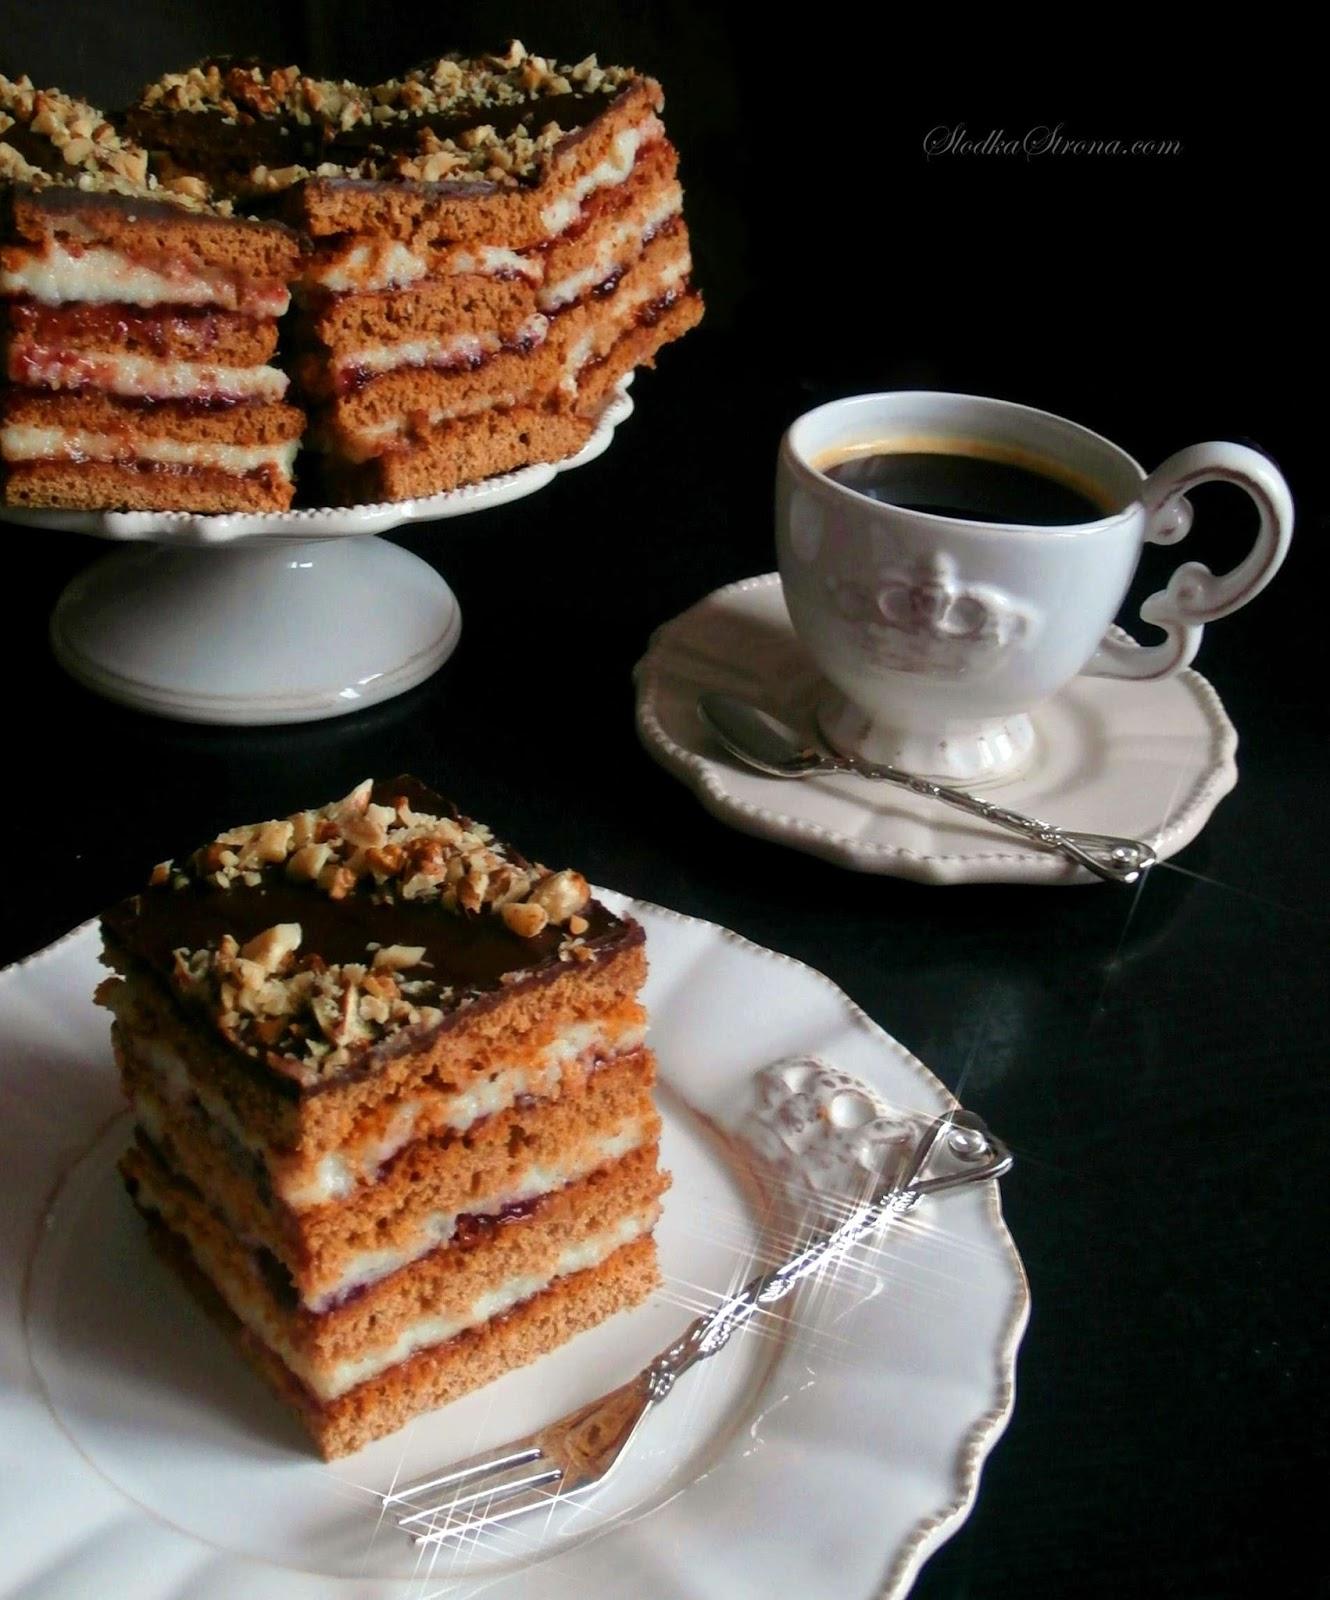 Ciasto niemal identyczne jak tort piernikowy, jednak przygotowany w formie ciasta, które wyglądem, a nawet troszkę smakiem przypomina miodownik. Powidła śliwkowe idealnie komponują się z słodziutką masą z kaszki manny i piernikowymi spodami ciasta tworząc piernikowy wypiek idealny na święta Bożego Narodzenia. ciasto piernikowe, ciasto piernikowe przepis, ciasto z piernikiem przepis, ciasto bożonarodzeniowe, ciasto na boże narodzenie, boże narodzenie przepisy, Przepyszny, aromatyczny torcik Bożonarodzeniowy o bardzo świątecznym smaku. Powidła śliwkowe idealnie komponują się z słodziutką masą z kaszki manny i piernikowymi spodami ciasta tworząc piernikowy tort idealny na święta Bożego Narodzenia. tort piernikowy, tort piernikowy przepis, tort z masa z kaszy manny,kasza manna, piernik, tort z orzechami łoskimi, święta, boże narodzenie wigilia, ciasta świąteczne, ciasta na boże narodzenie, ciasto piernikowe, ciasto piernikowe przepis, ciasta bożonarodzeniowe, torty bożonarodzeniowe, boże narodzenie przepisy, wigilia przepisy,